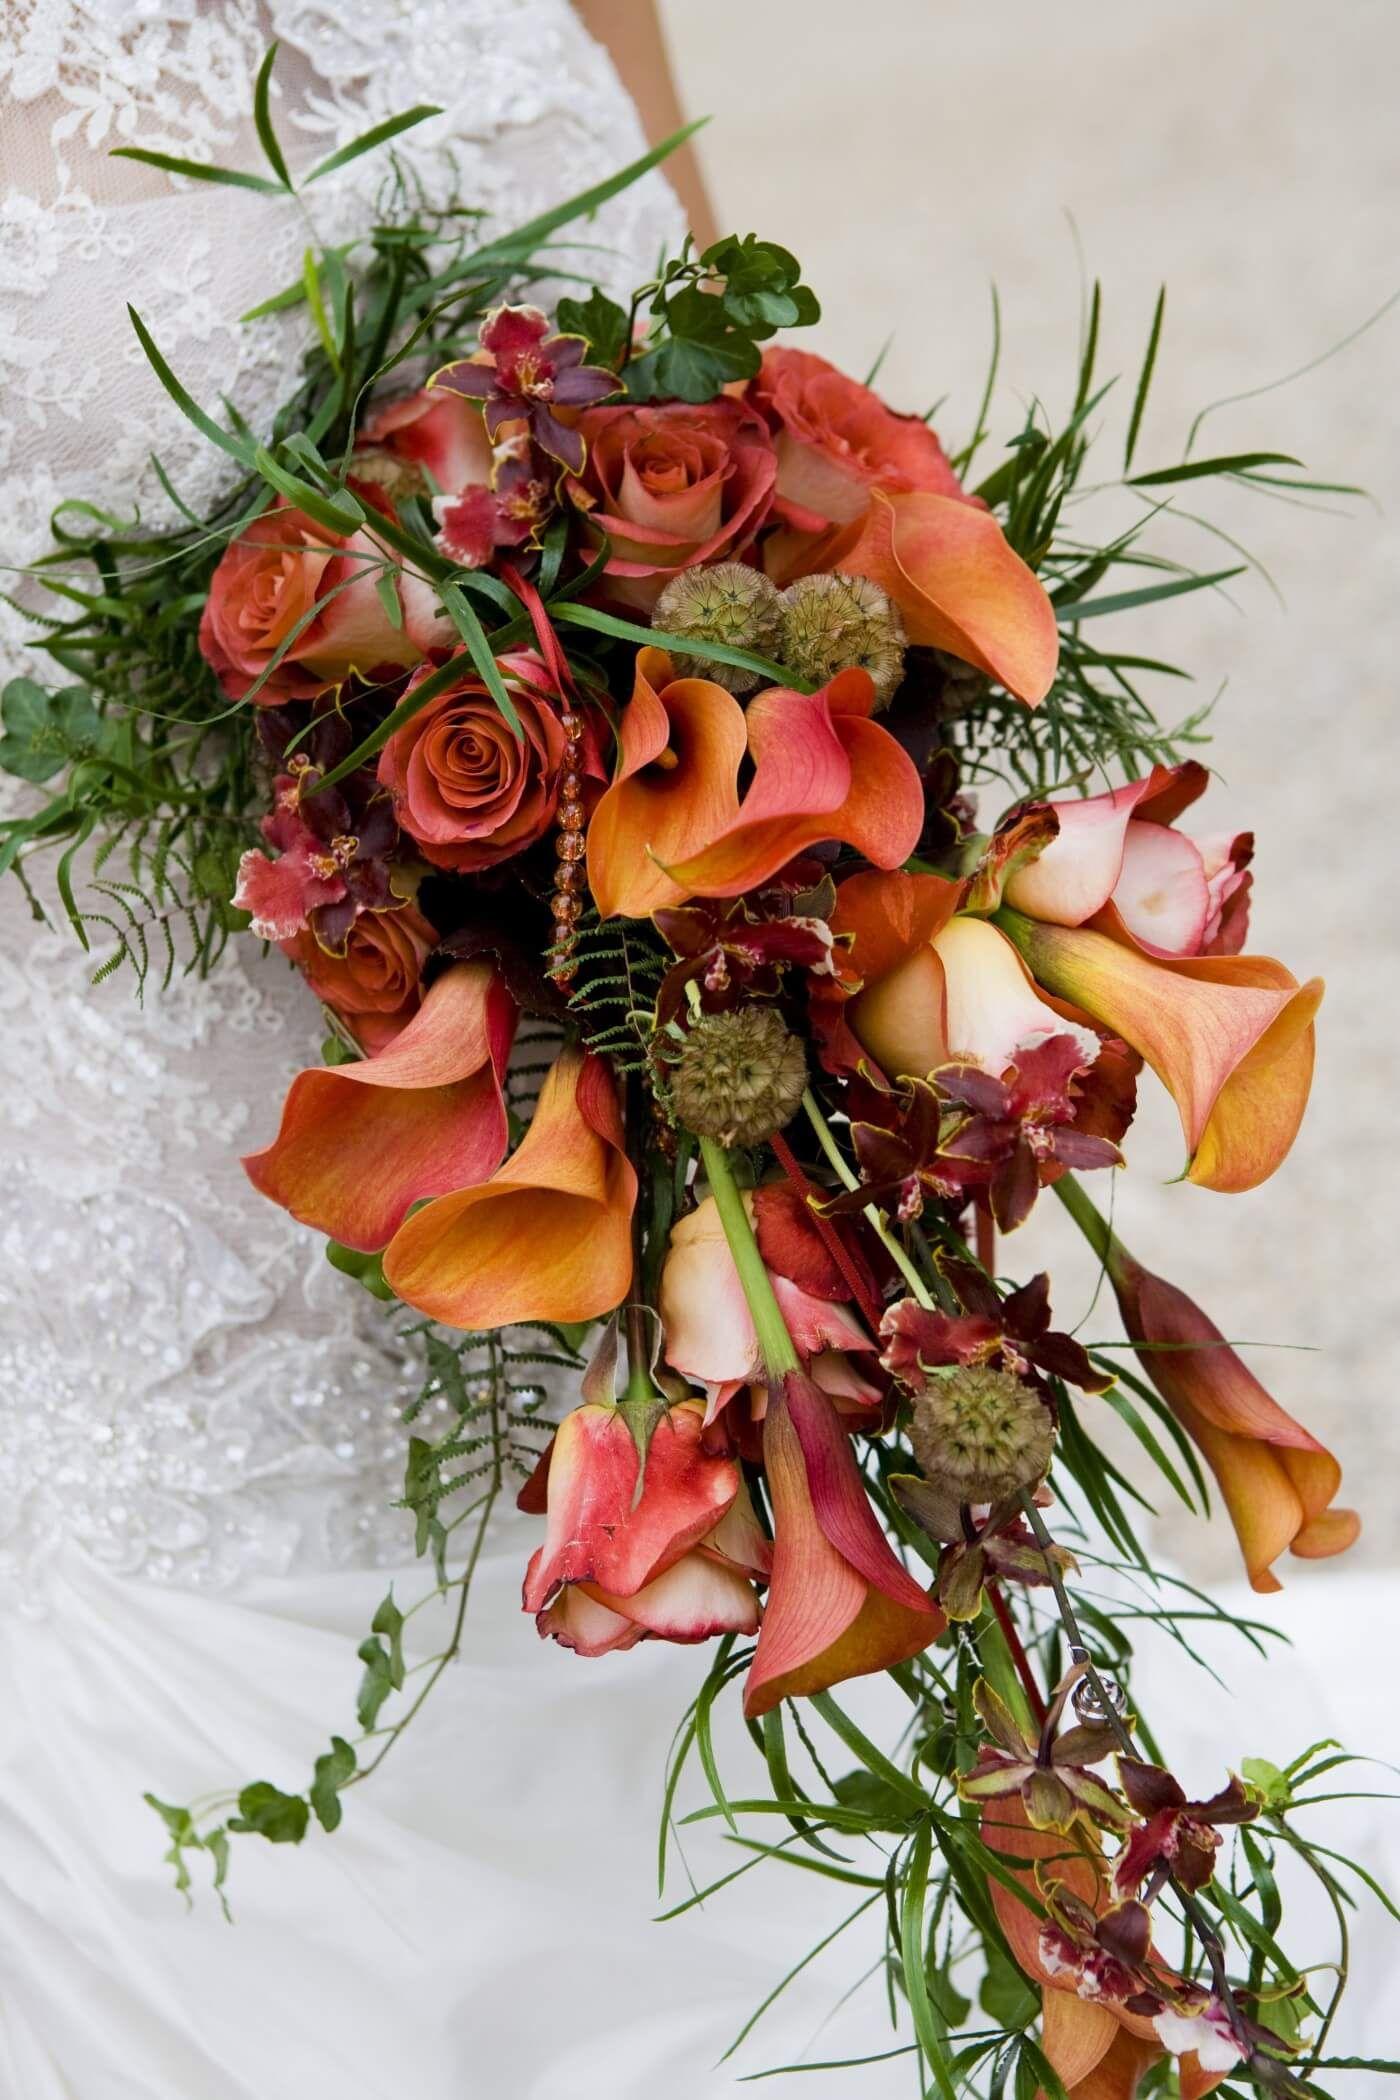 Ganz und zu Extrem Brautstrauß Herbst - Bildergalerie | weddings | Brautstrauß herbst #PS_64